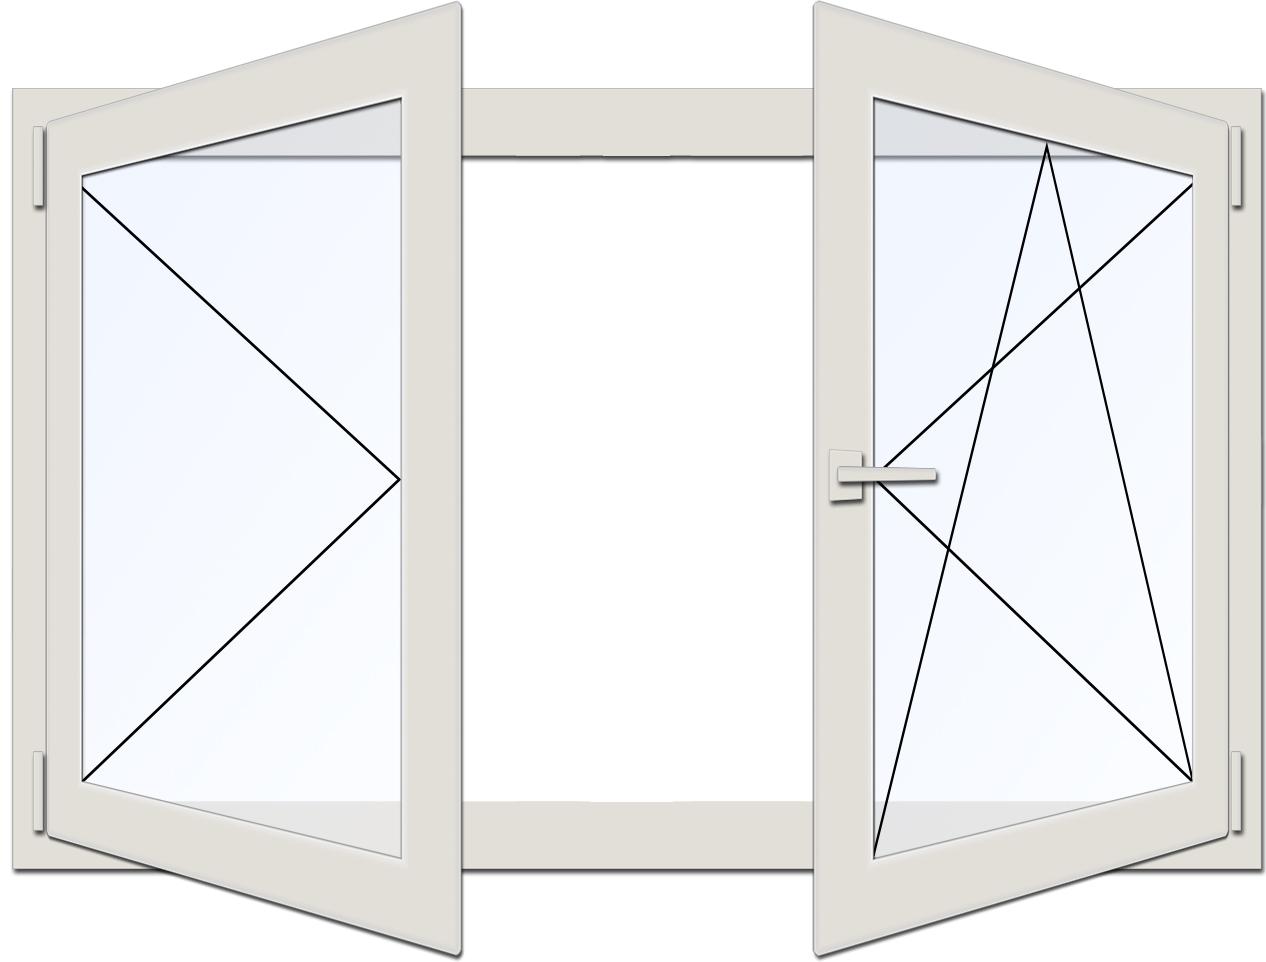 drutex kunststoff fenster pvc b 2600mm x h 1700mm t 70mm 3. Black Bedroom Furniture Sets. Home Design Ideas